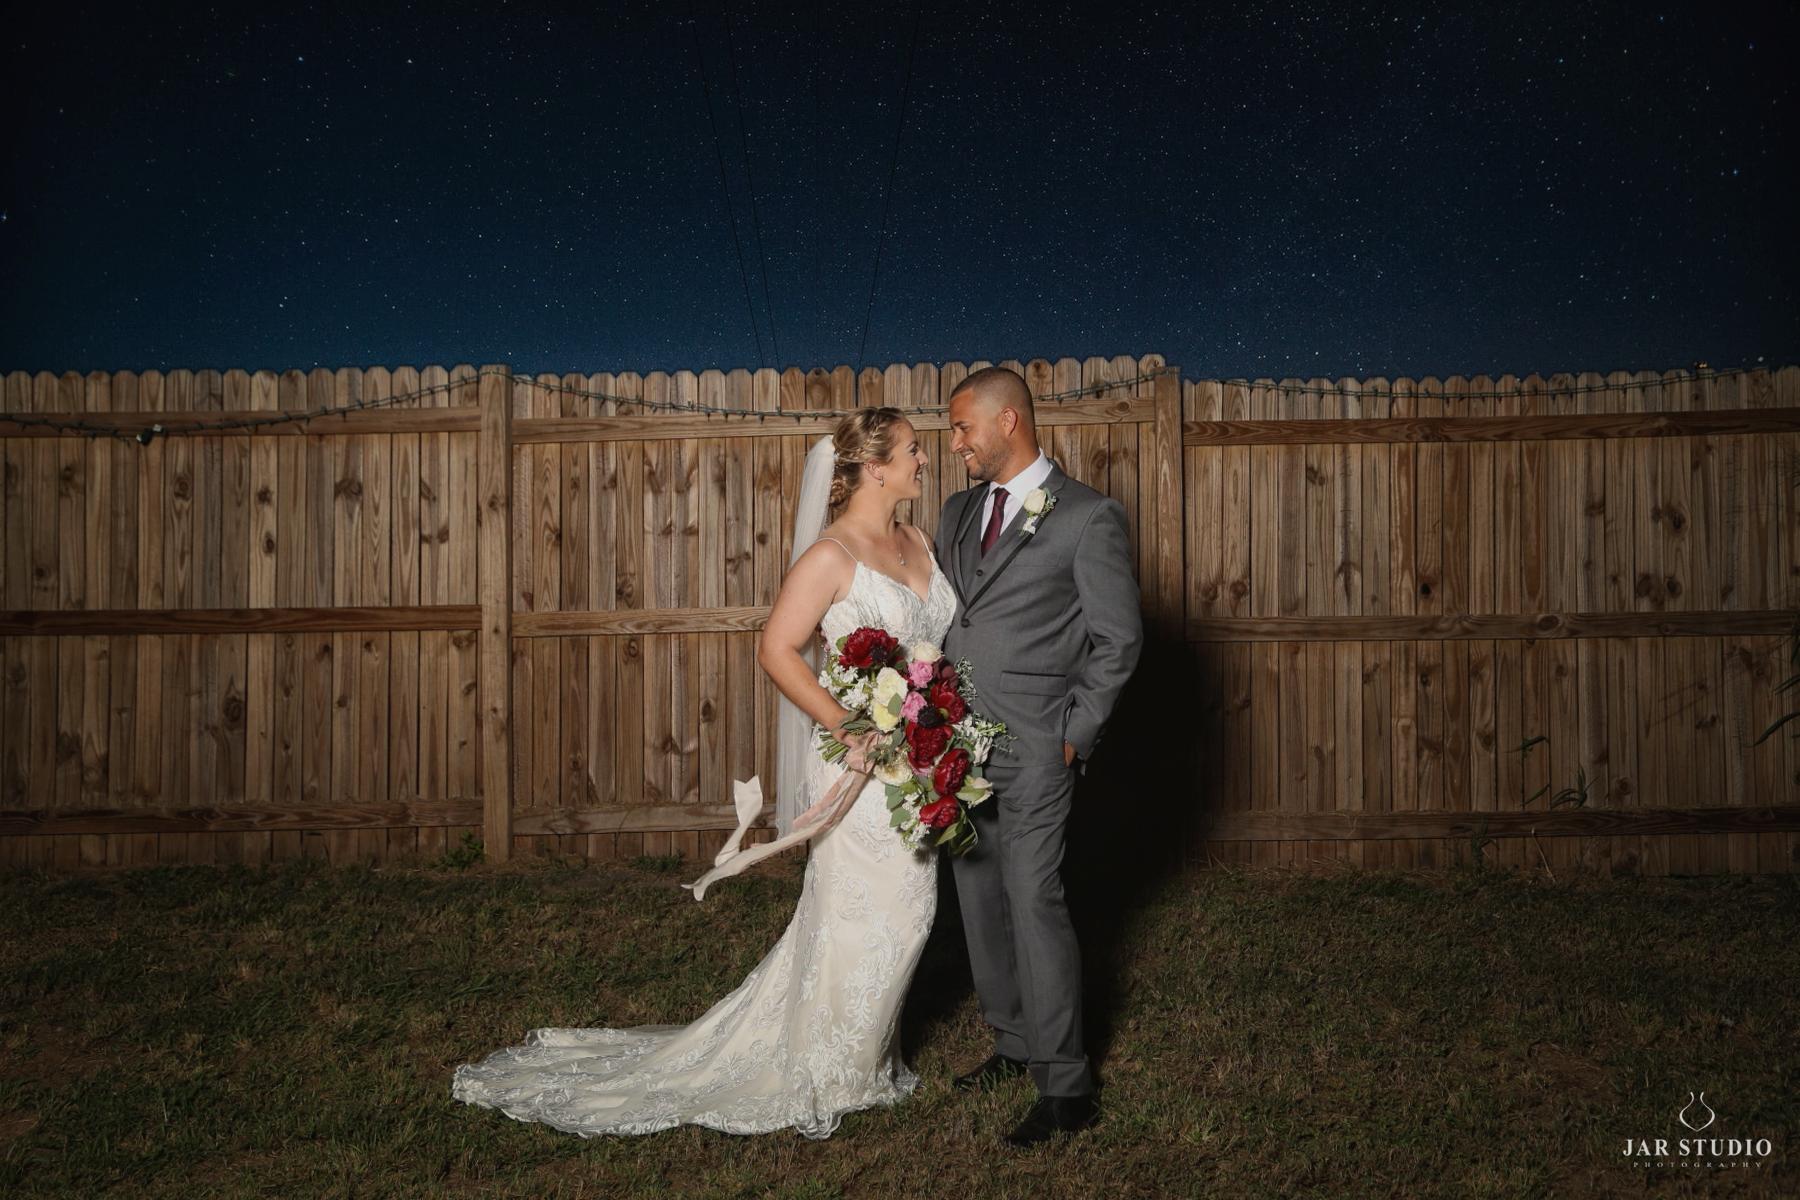 jarstudio-wedding-photographer-447.JPG